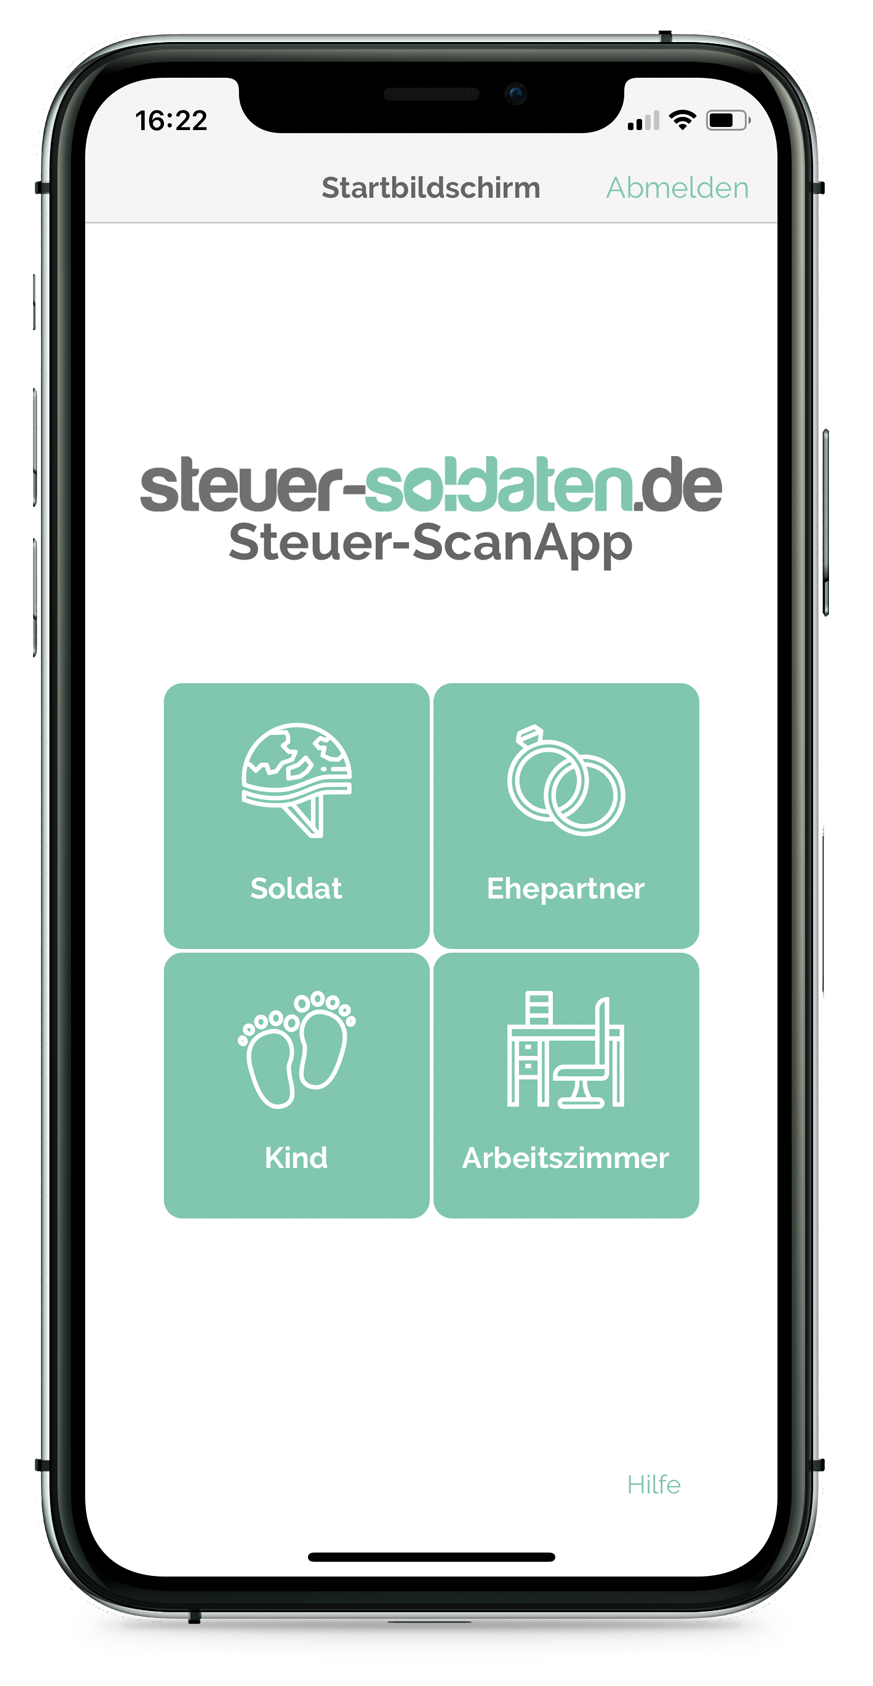 Steuer-ScanApp Startbildschirm (iOS)